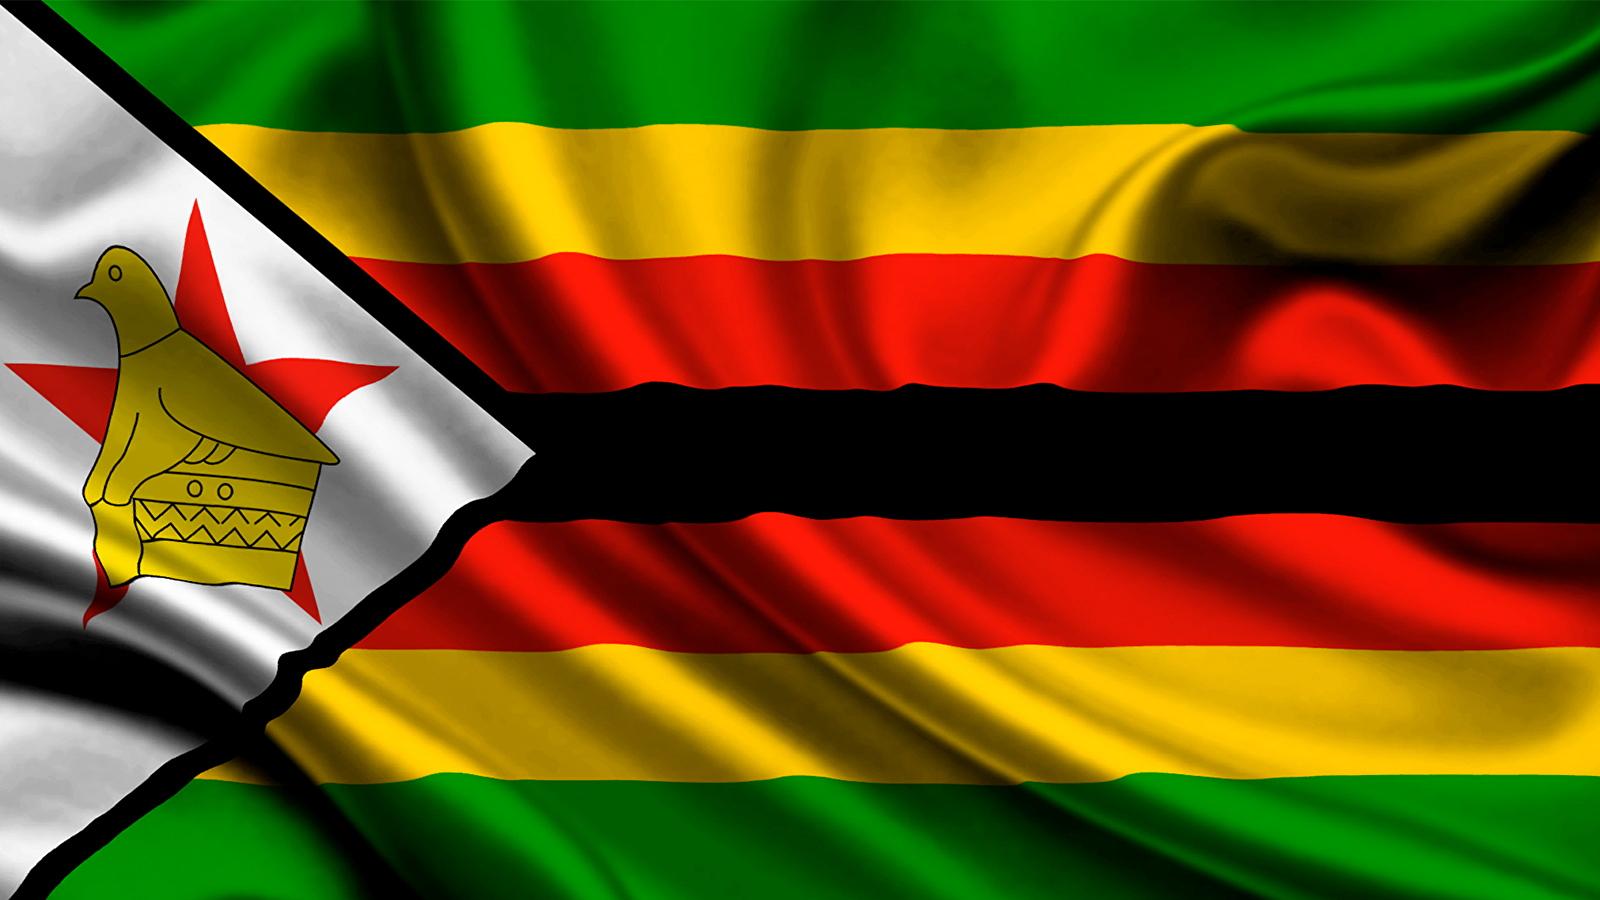 6 Best Zimbabwe VPN in 2019 - Unblock Facebook, WhatsApp & More!